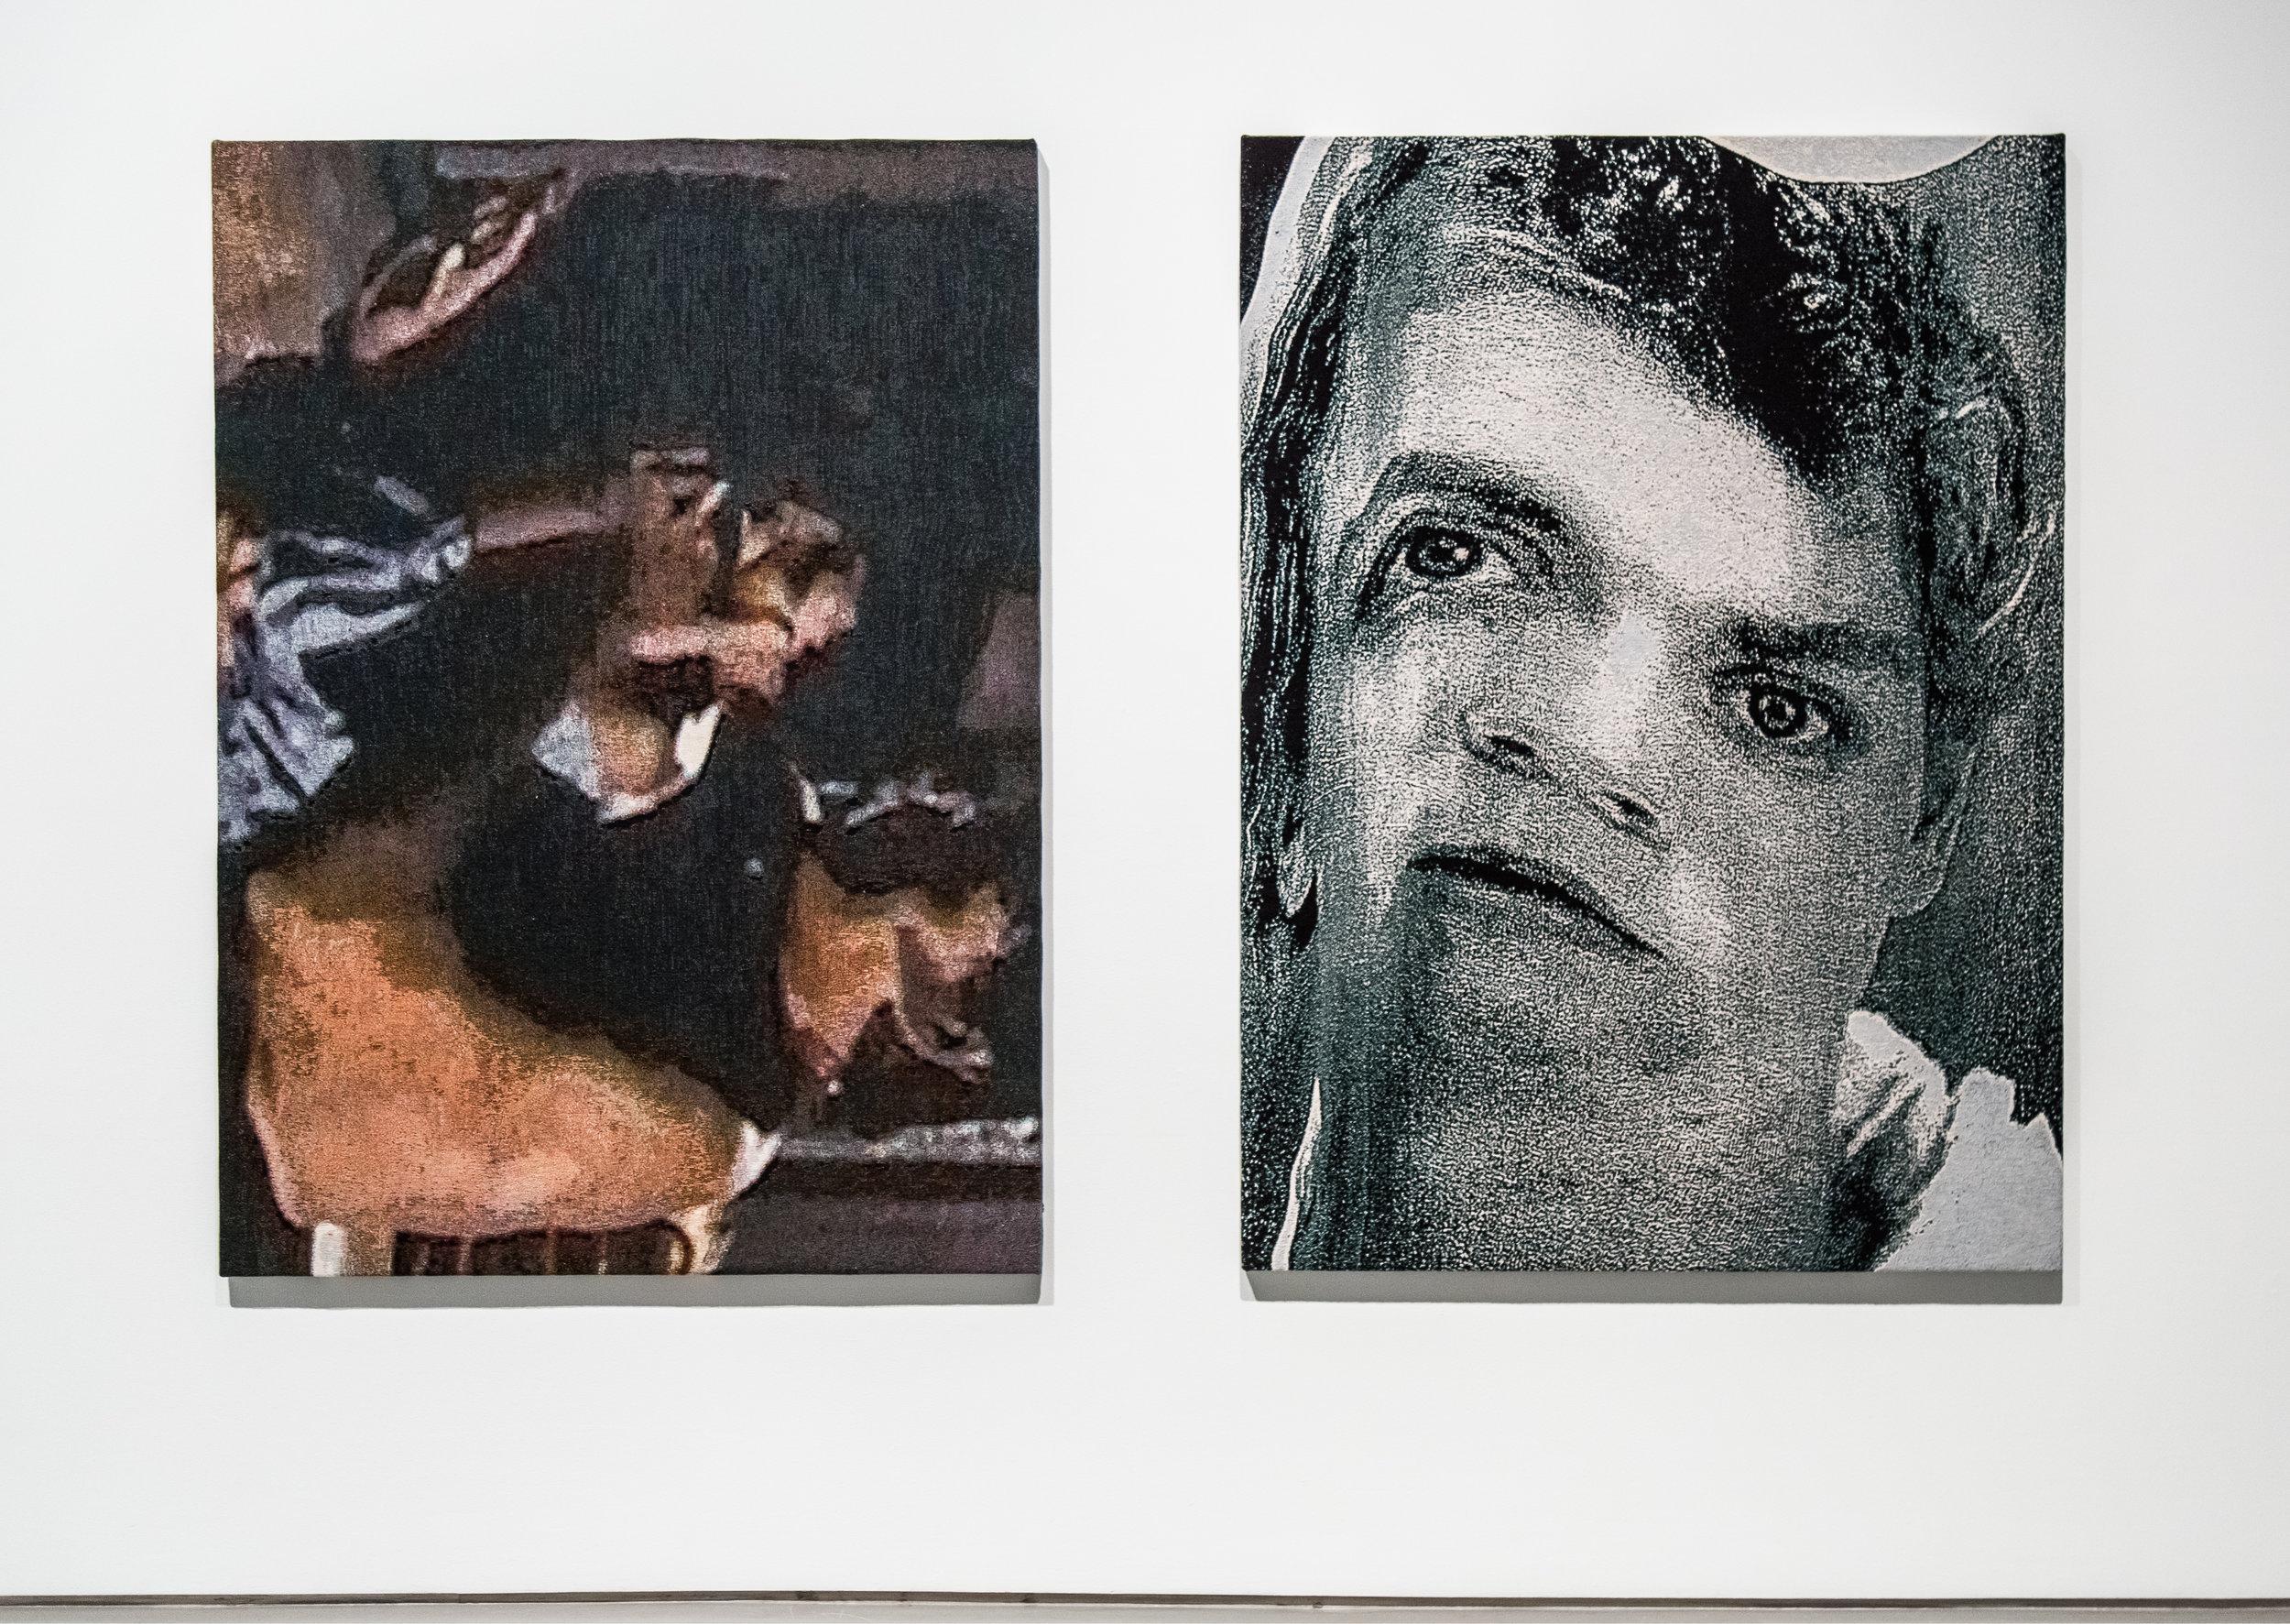 """Der Raub/Stanford Rapist , 2016-2017, Stretched Jacquard tapestries, (2 panels), 104"""" x 74"""""""